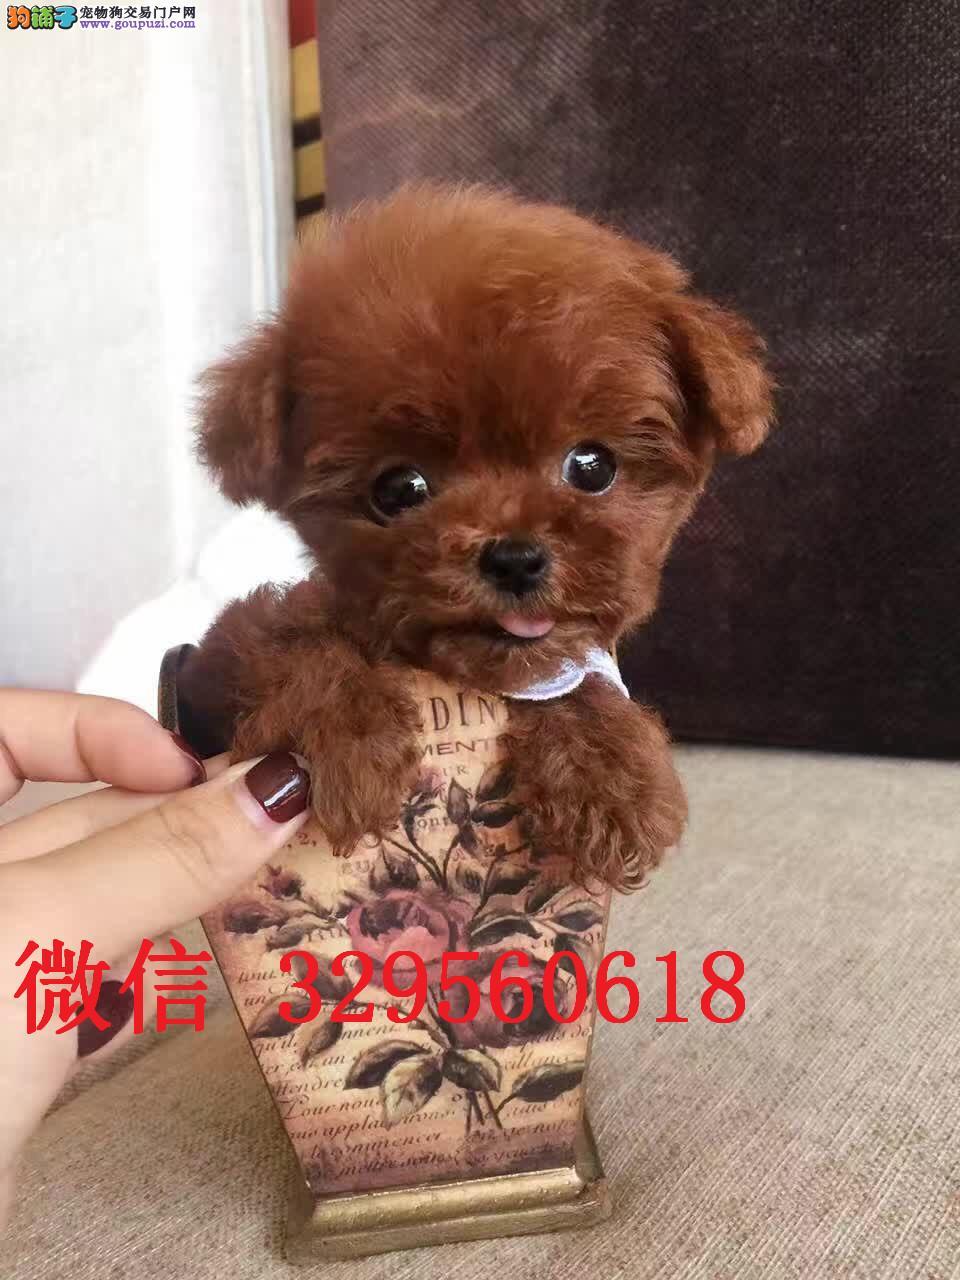 济南哪里有卖泰迪的 茶杯泰迪多少钱 小体泰迪犬出售